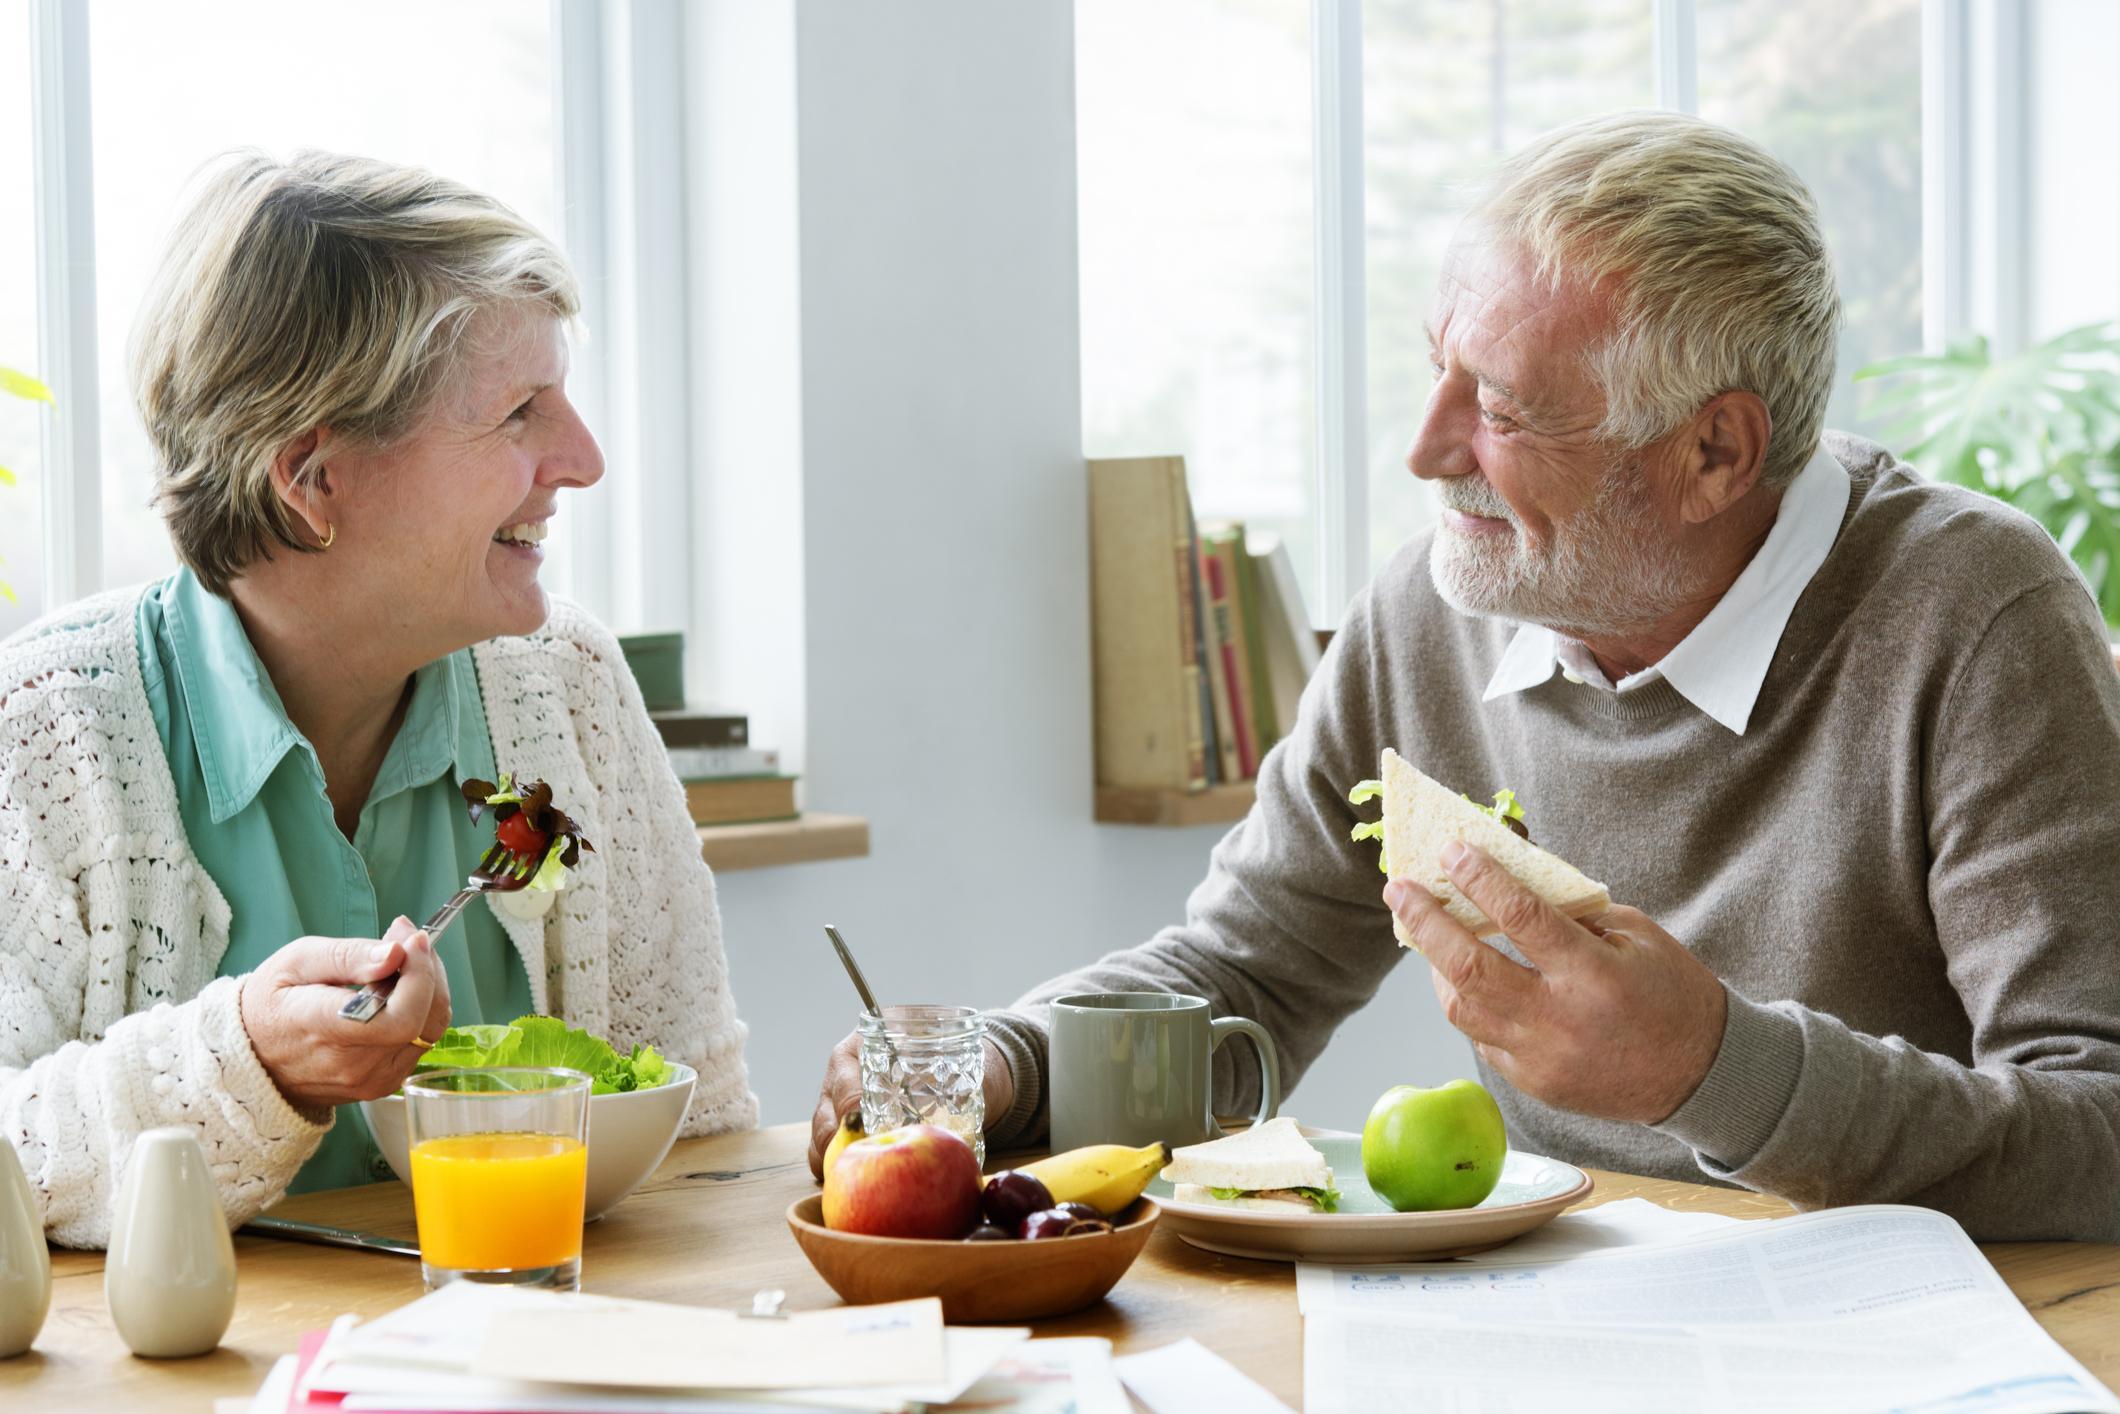 Vieillissement : réduire sa ration calorique pourrait prévenir les maladies liées à l'âge